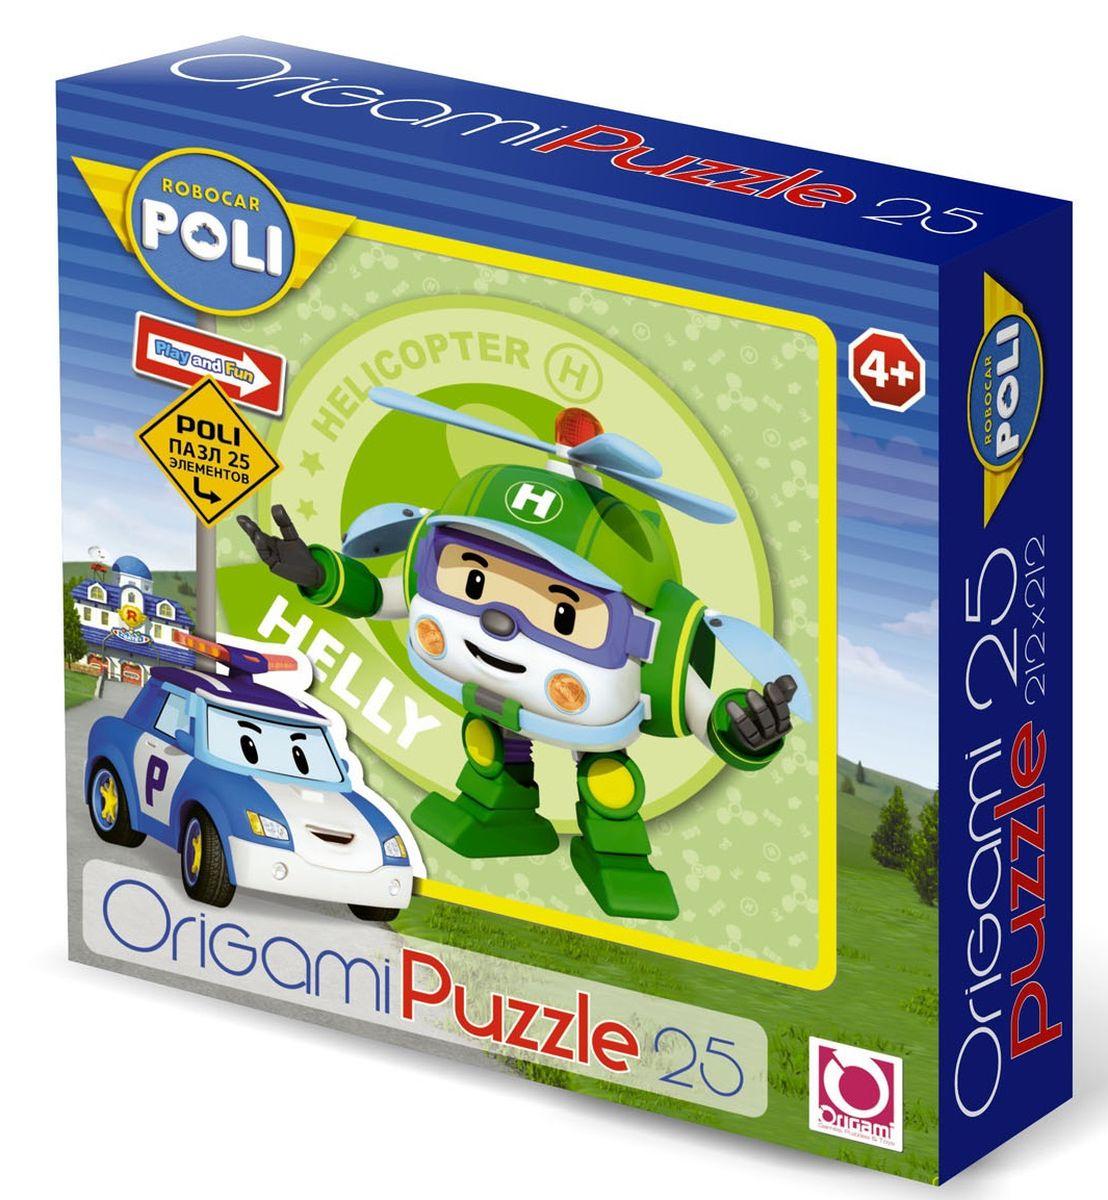 Оригами Пазл для малышей Robocar Poli 00163 оригами пазл для малышей цыпленок с подарком